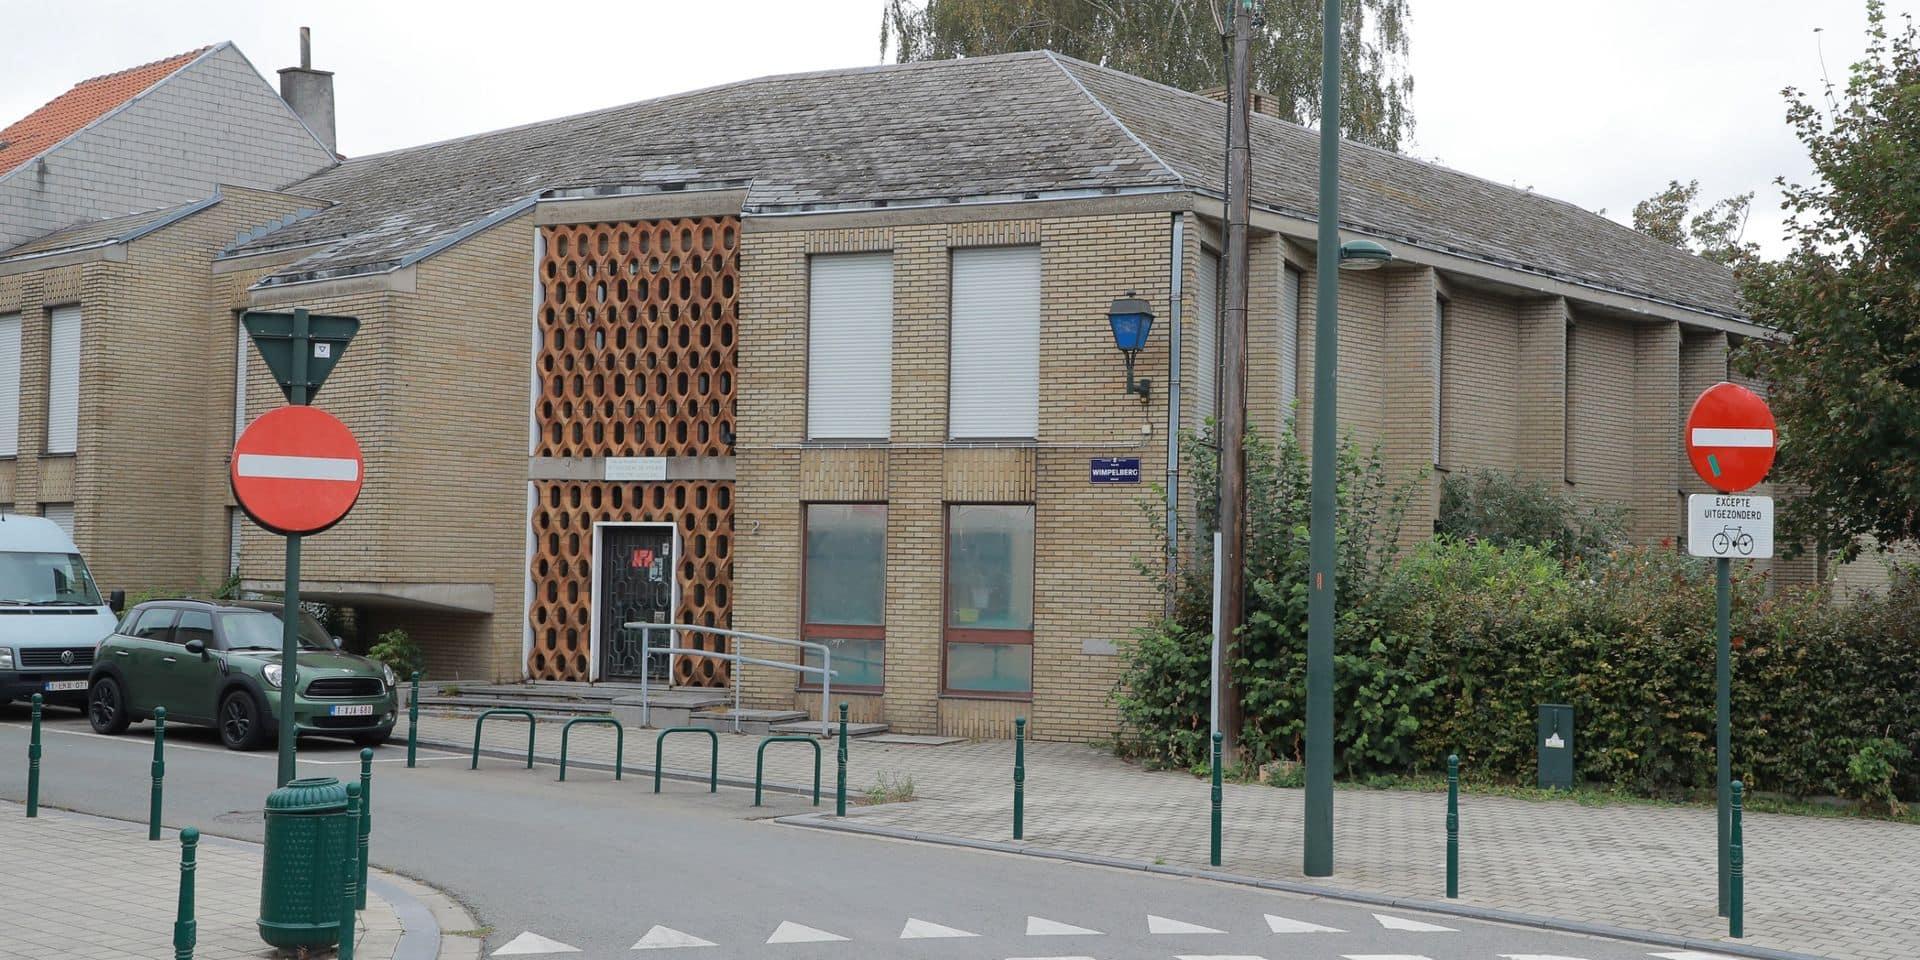 Neder-Over-Heembeek : Les occupants de la future antenne du CPAS ont jusqu'à la fin de l'été pour quitter les lieux